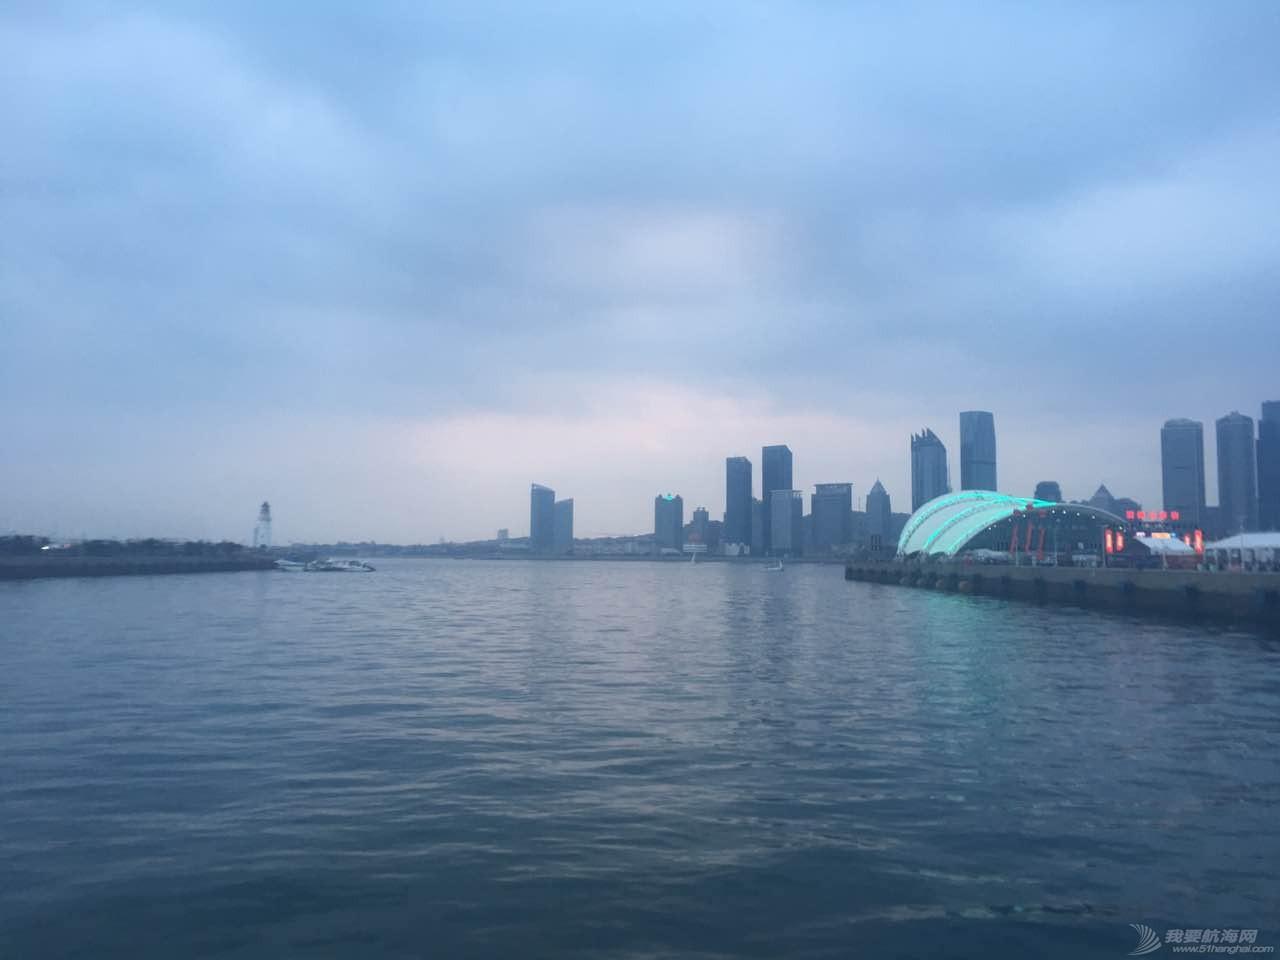 """小伙伴,青岛,国际 千年修得同船赛-记2016年青岛""""市长杯""""国际帆船赛的小伙伴们 68546482967329259.jpg"""